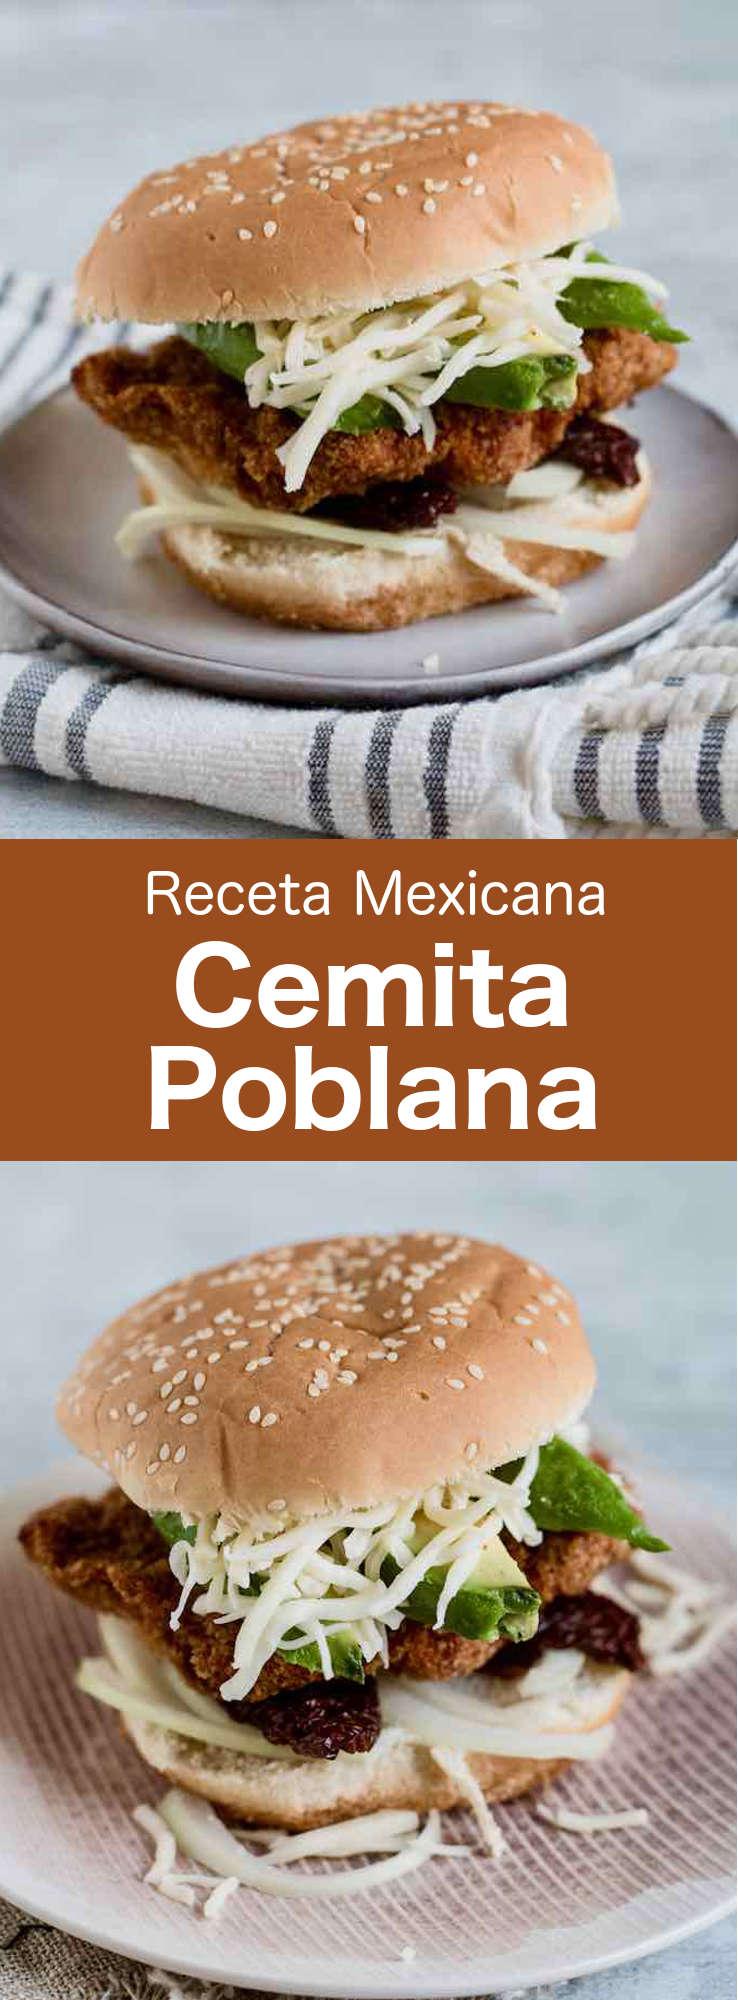 La cemita poblana es un sándwich tradicional mexicano repleto de sabores que se rellena con pollo, cerdo o ternera empanados, así como aguacate, queso Oaxaca y chipotle.